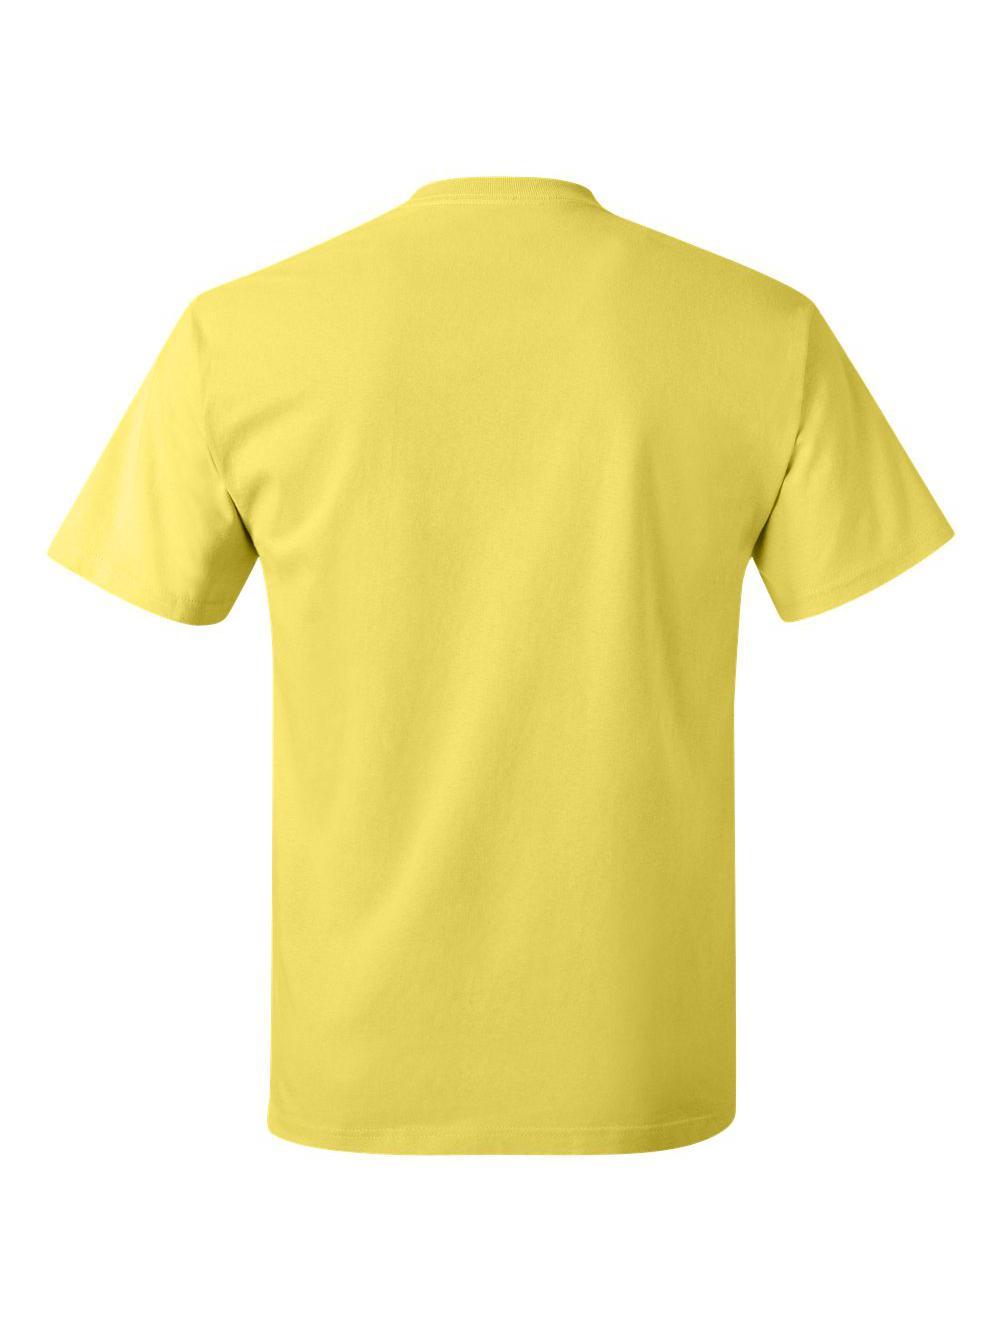 Hanes-Tagless-T-Shirt-5250 thumbnail 133